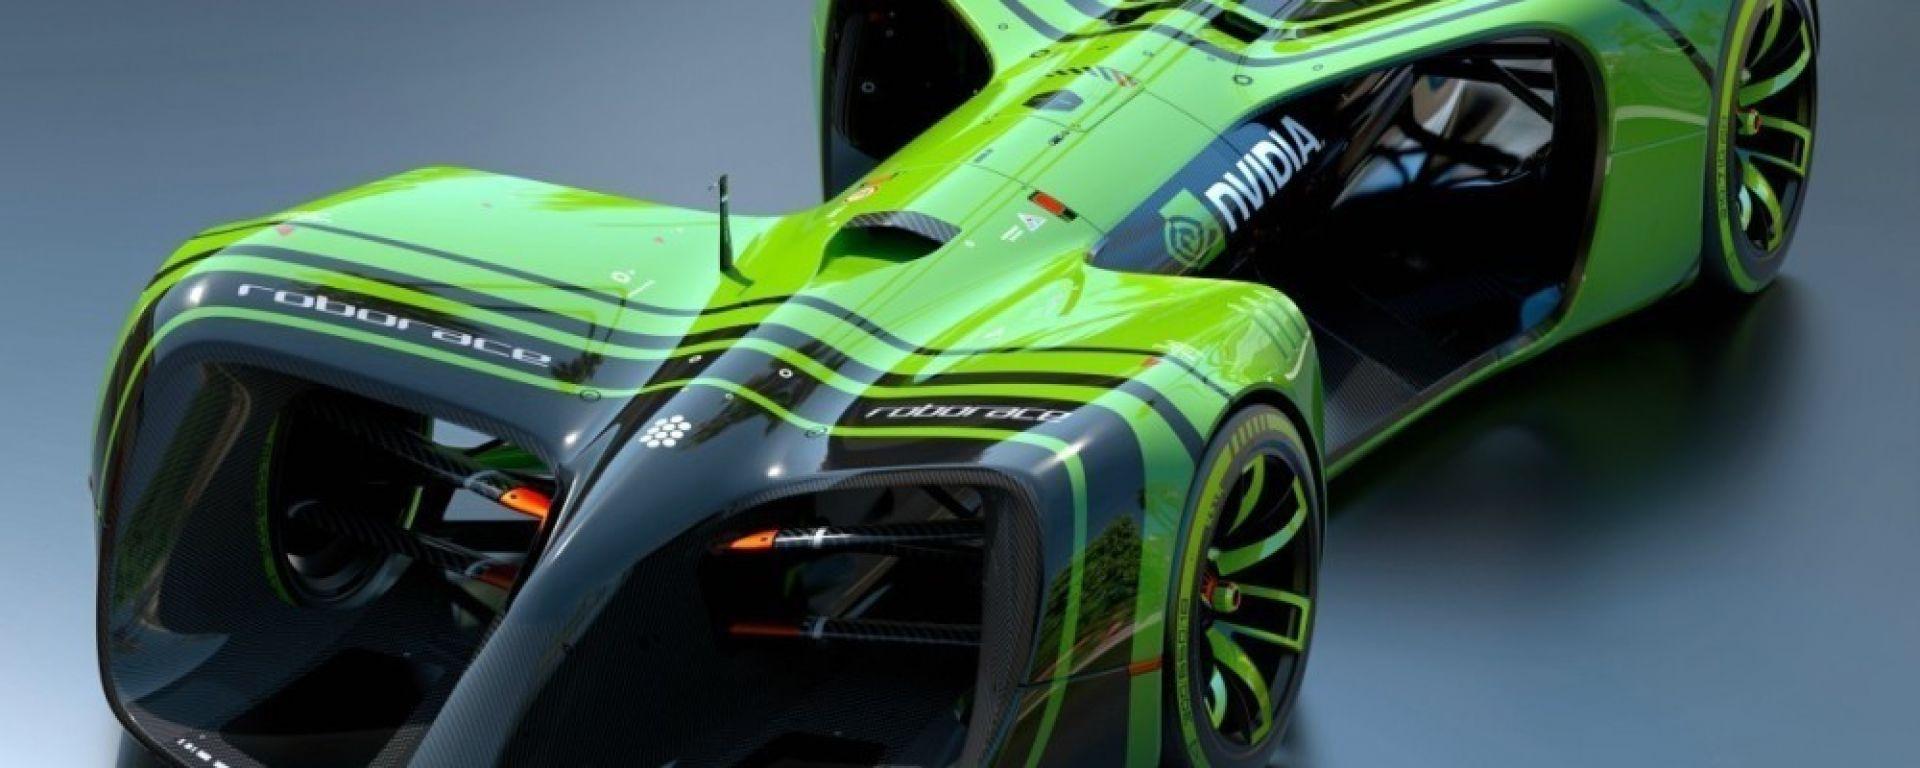 Continental e Nvidia insieme per la guida autonoma nel 2021